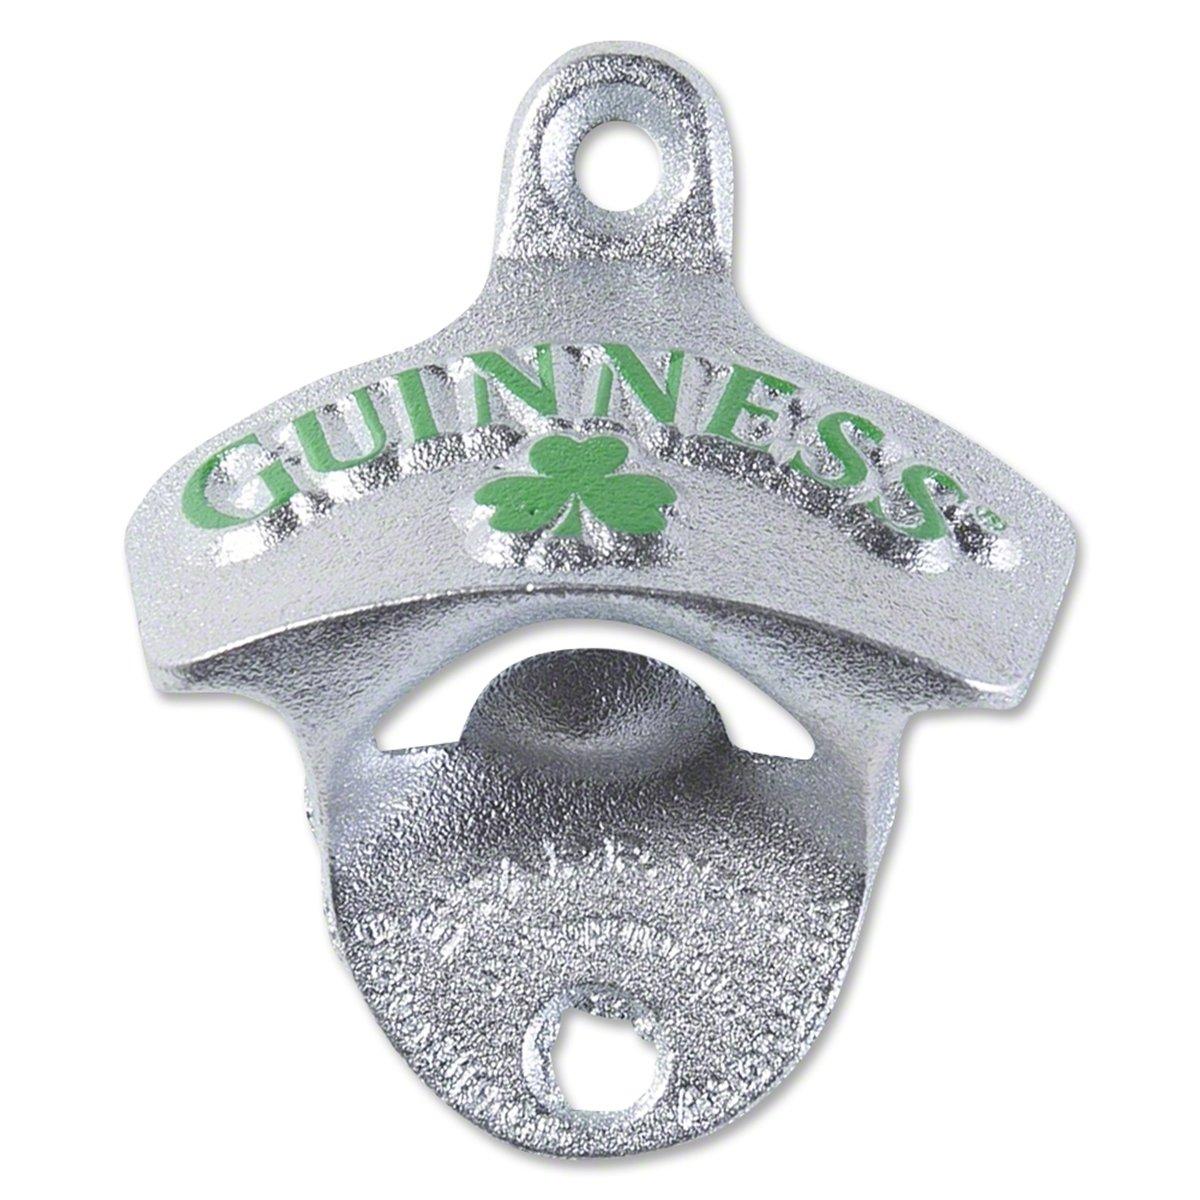 Guinness Shamrock Wall Mounted Bottle Opener - Metal Bottle Cap Remover